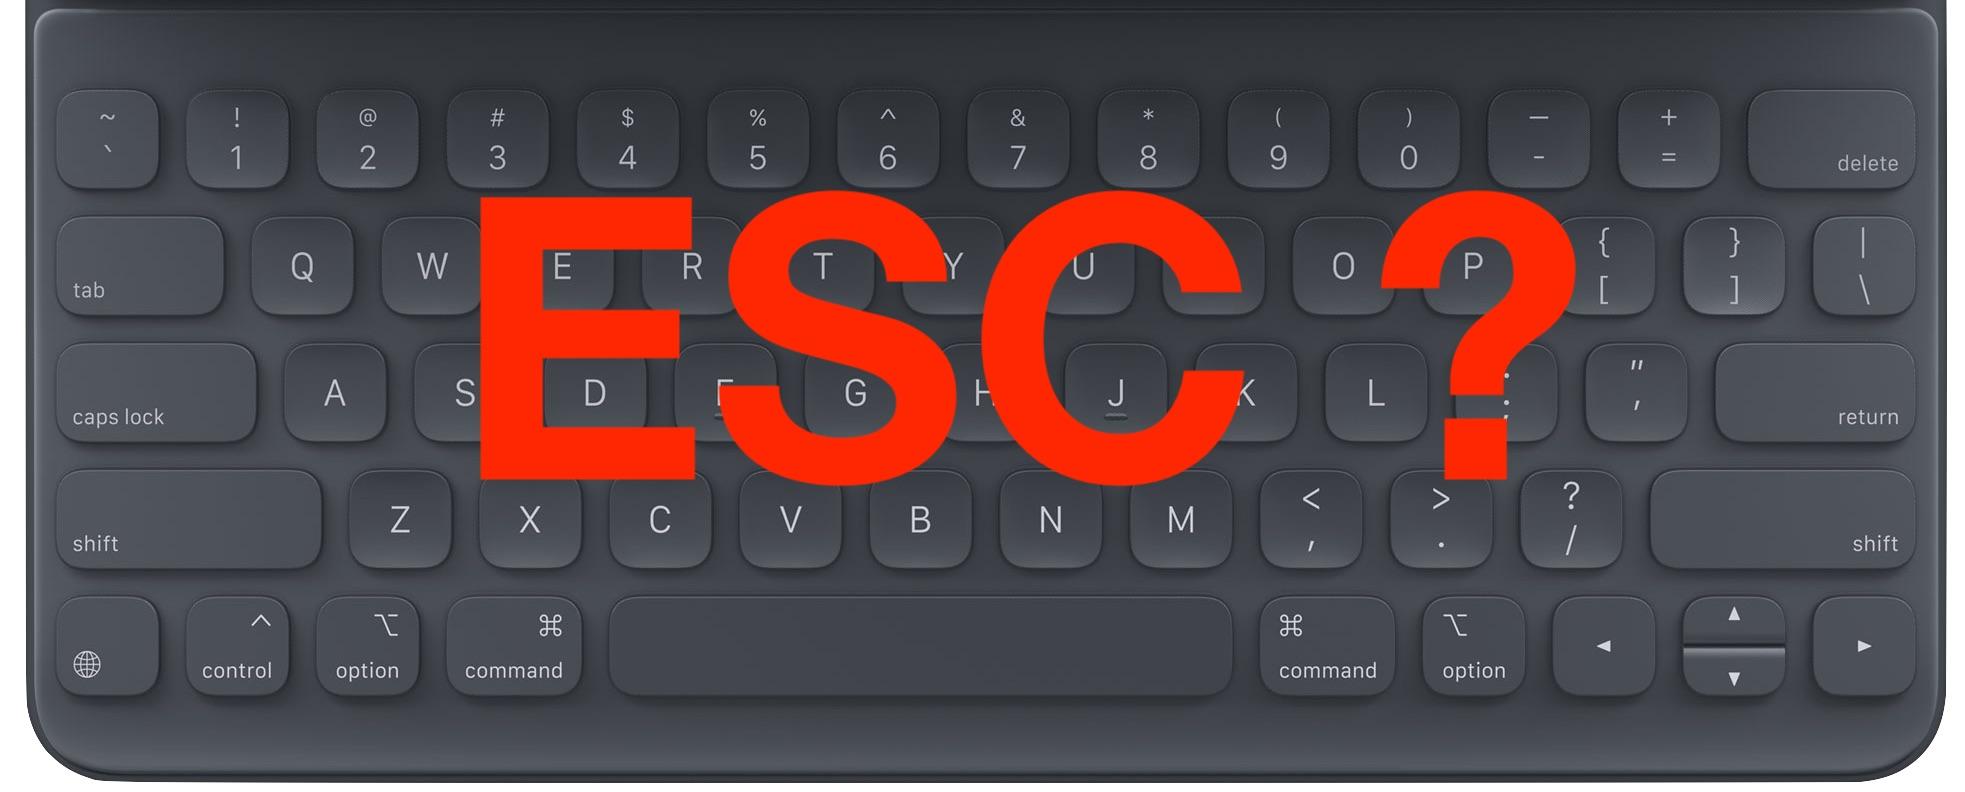 Cómo escribir la tecla Escape en el teclado del iPad